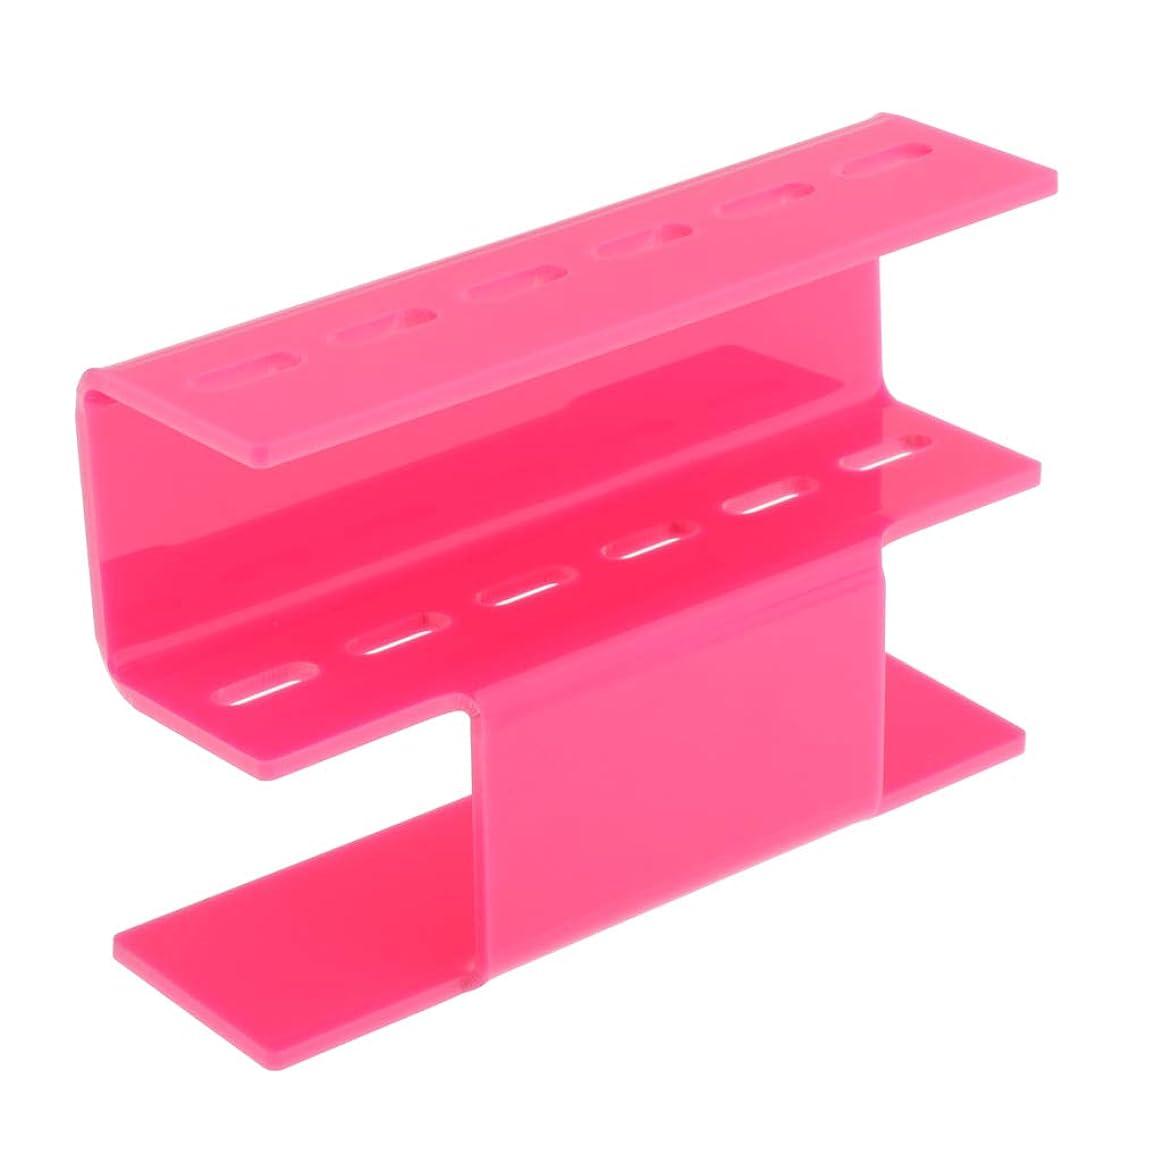 爆弾貧困読むT TOOYFUL ピンセットホルダー ピンセットスタンド オーガナイザー 収納ラック プロ用 家庭用 紛失防ぐ 全3色 - ピンク